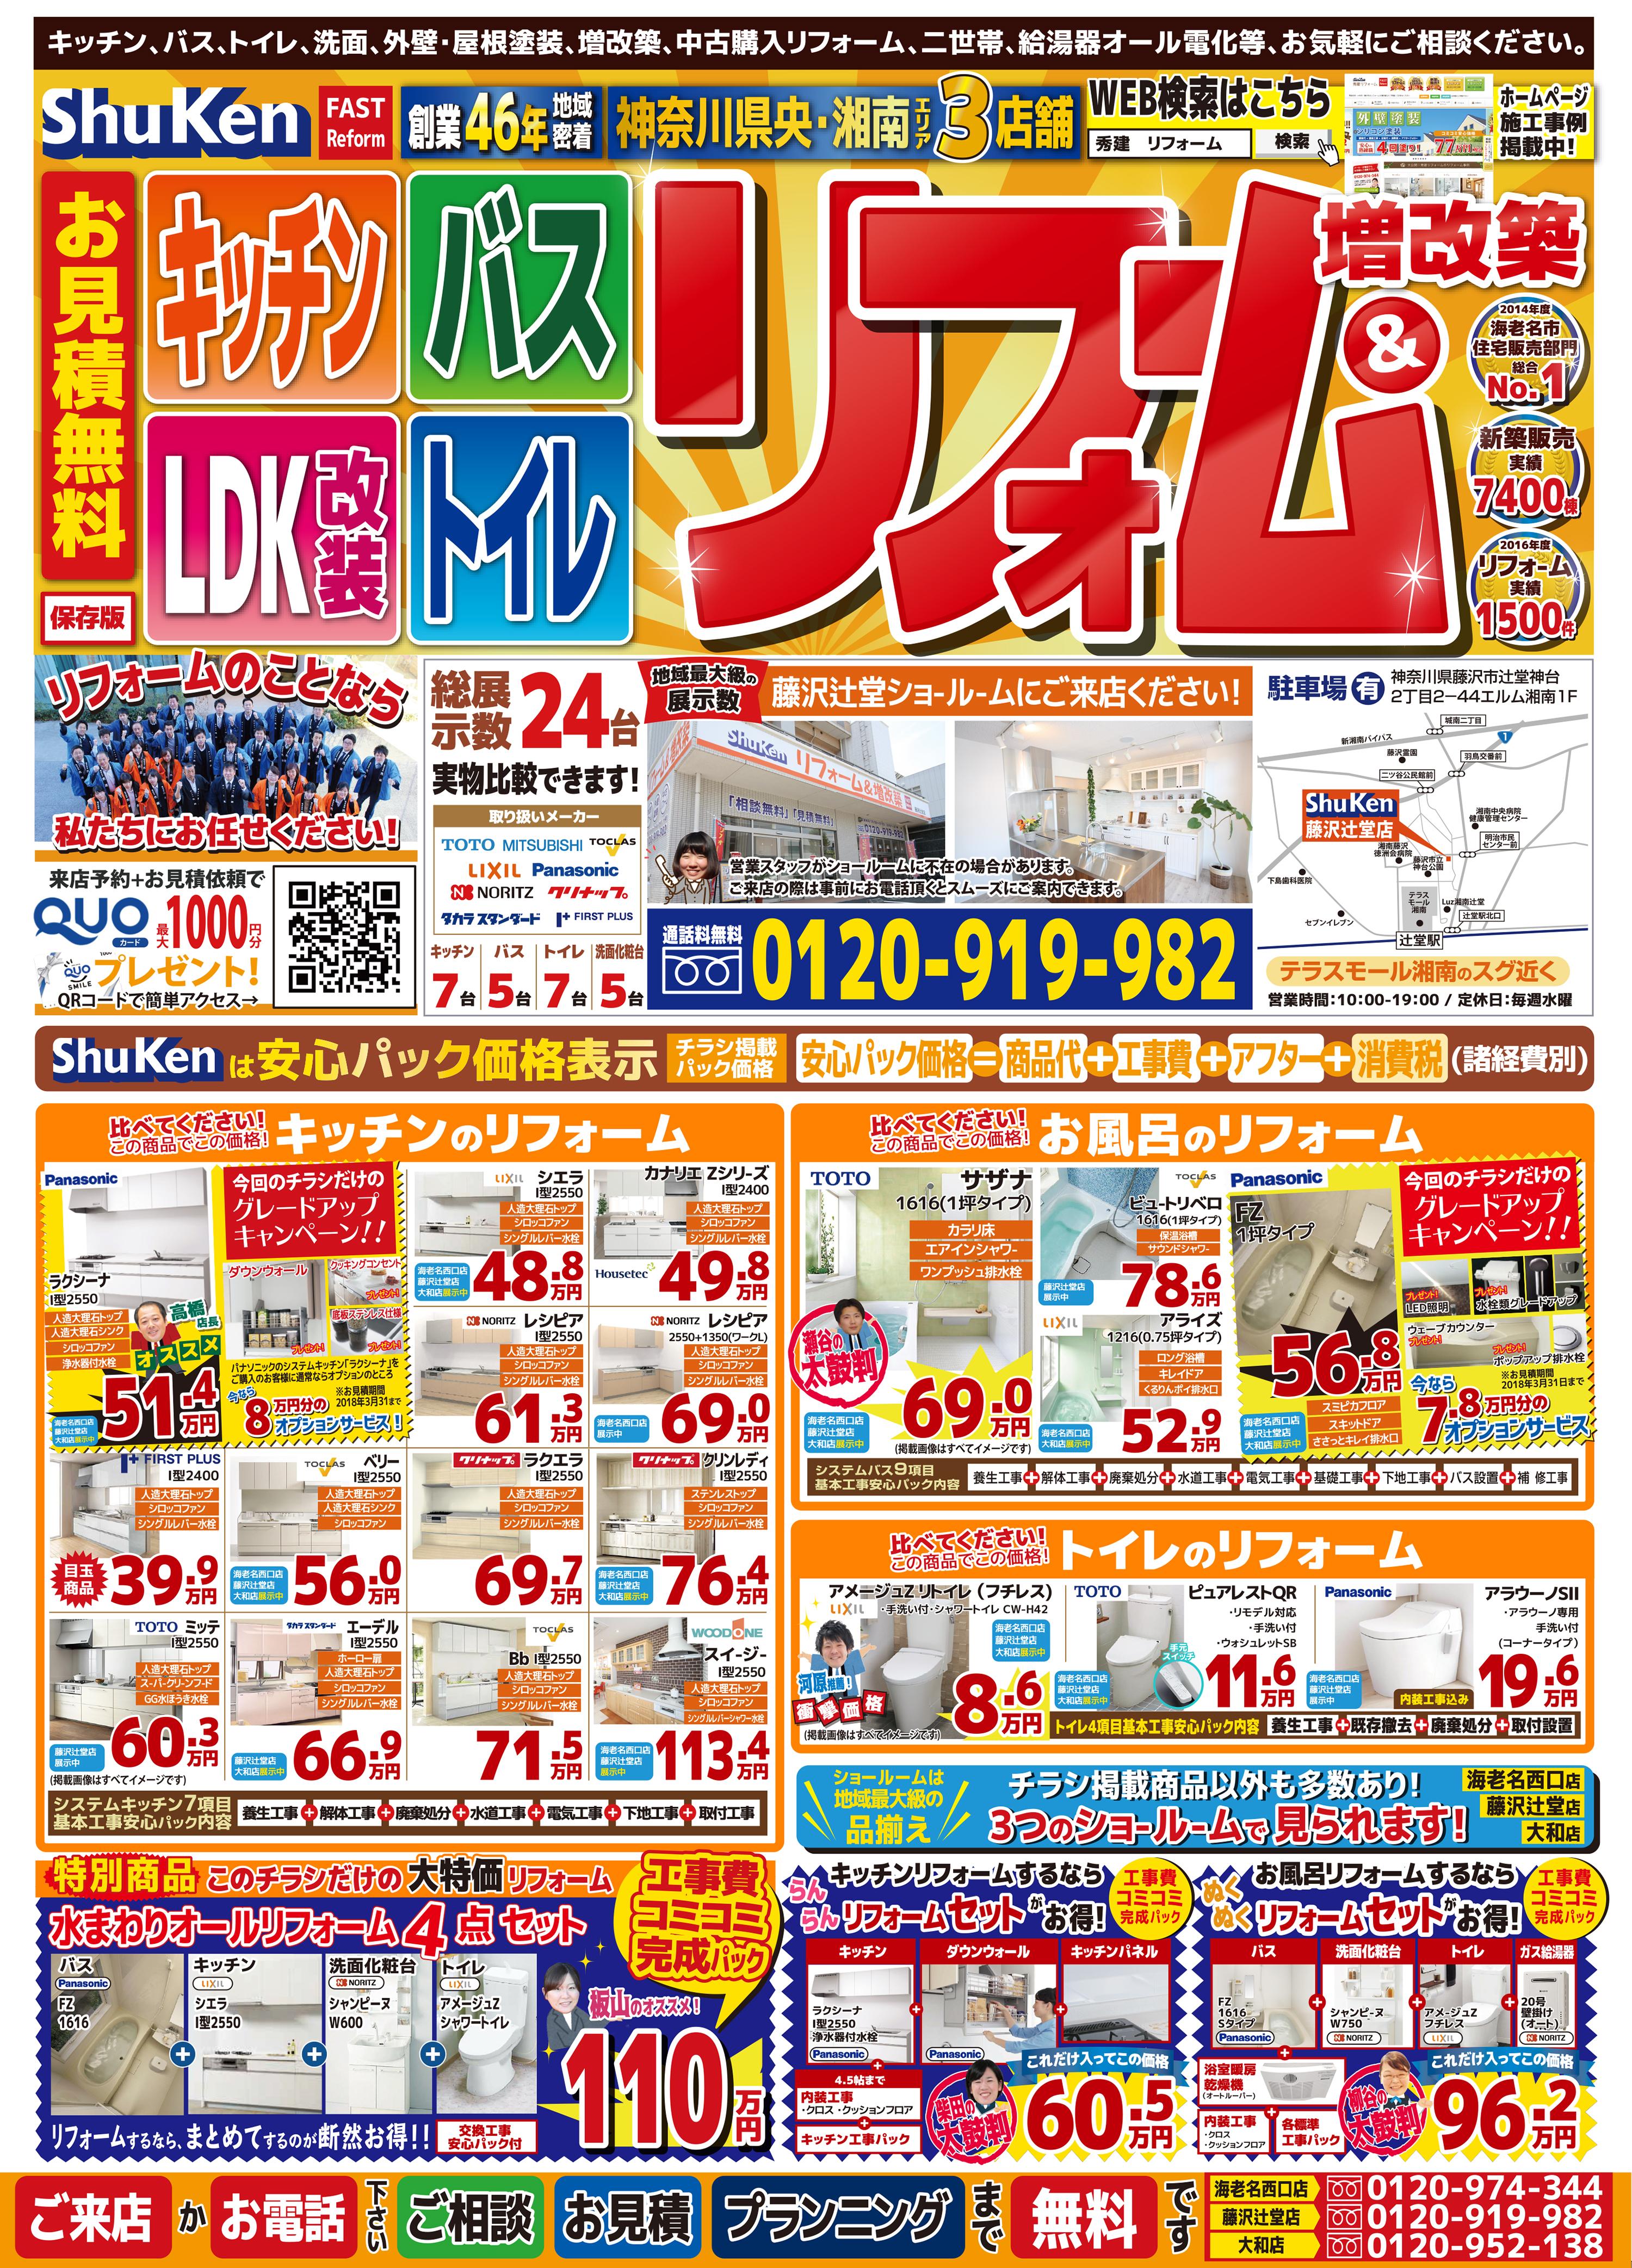 秀建リフォーム3月定番チラシ_藤沢辻堂店